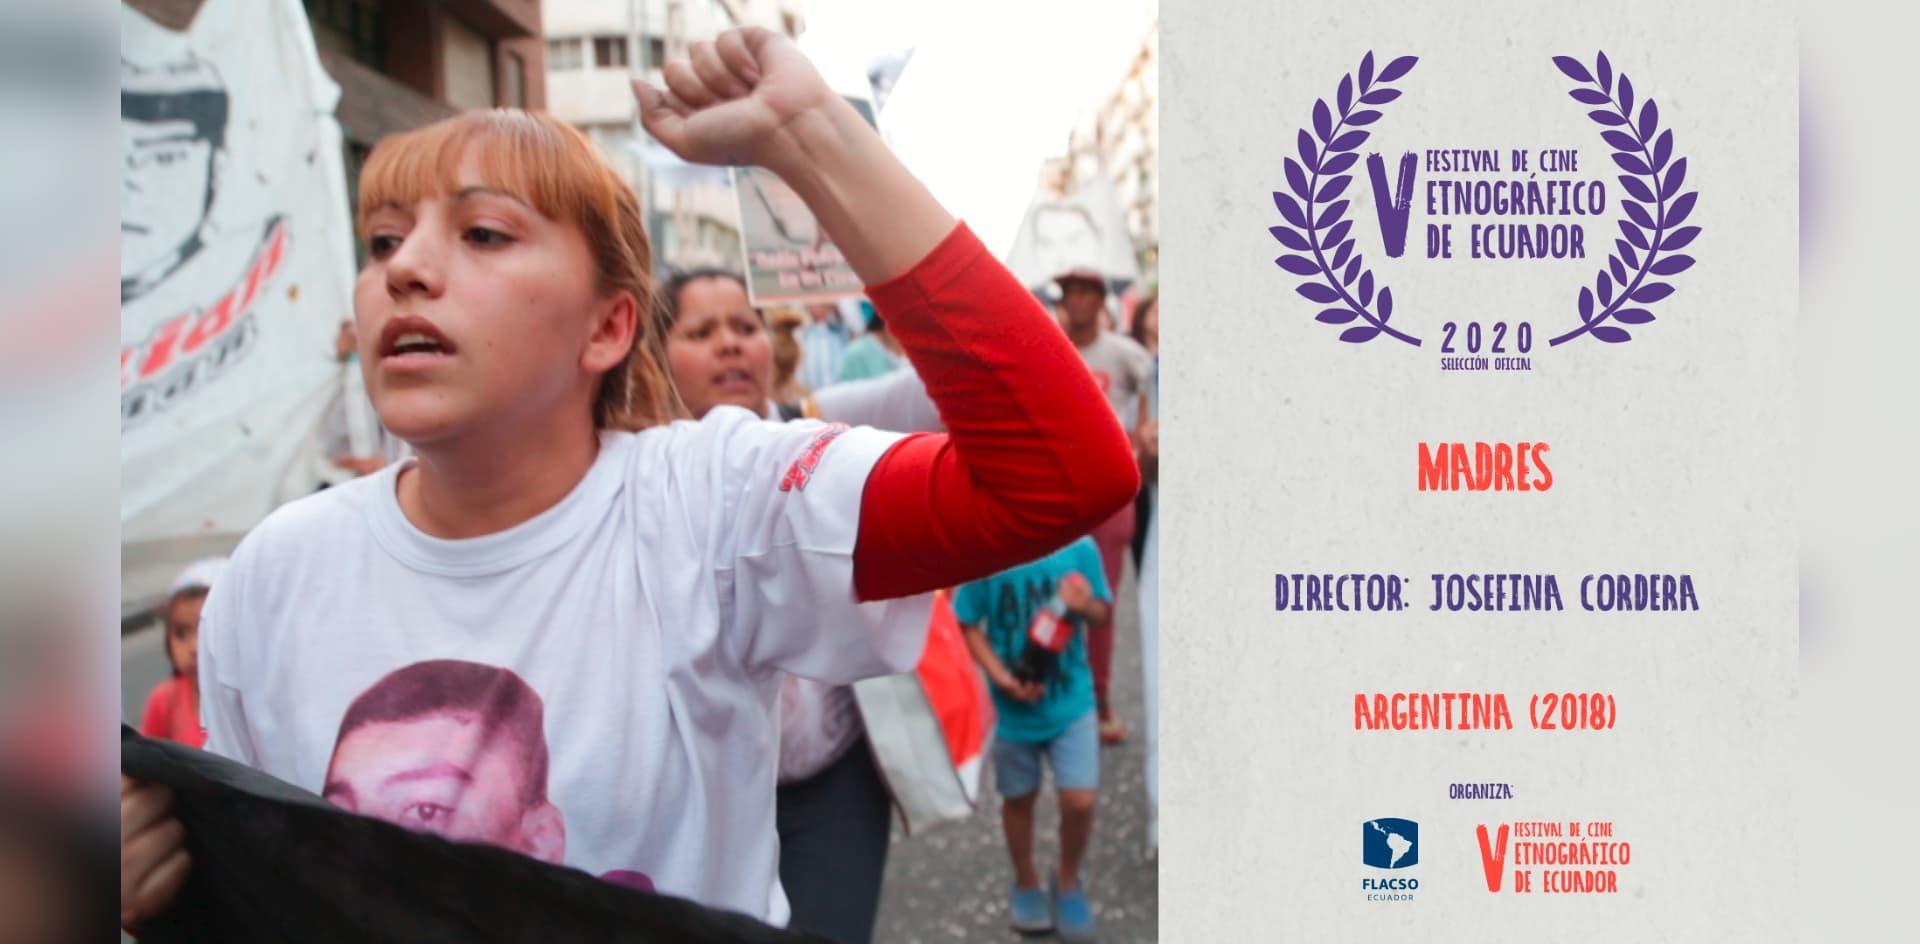 Madres compite en el V Festival de Cine Etnográfico de Ecuador